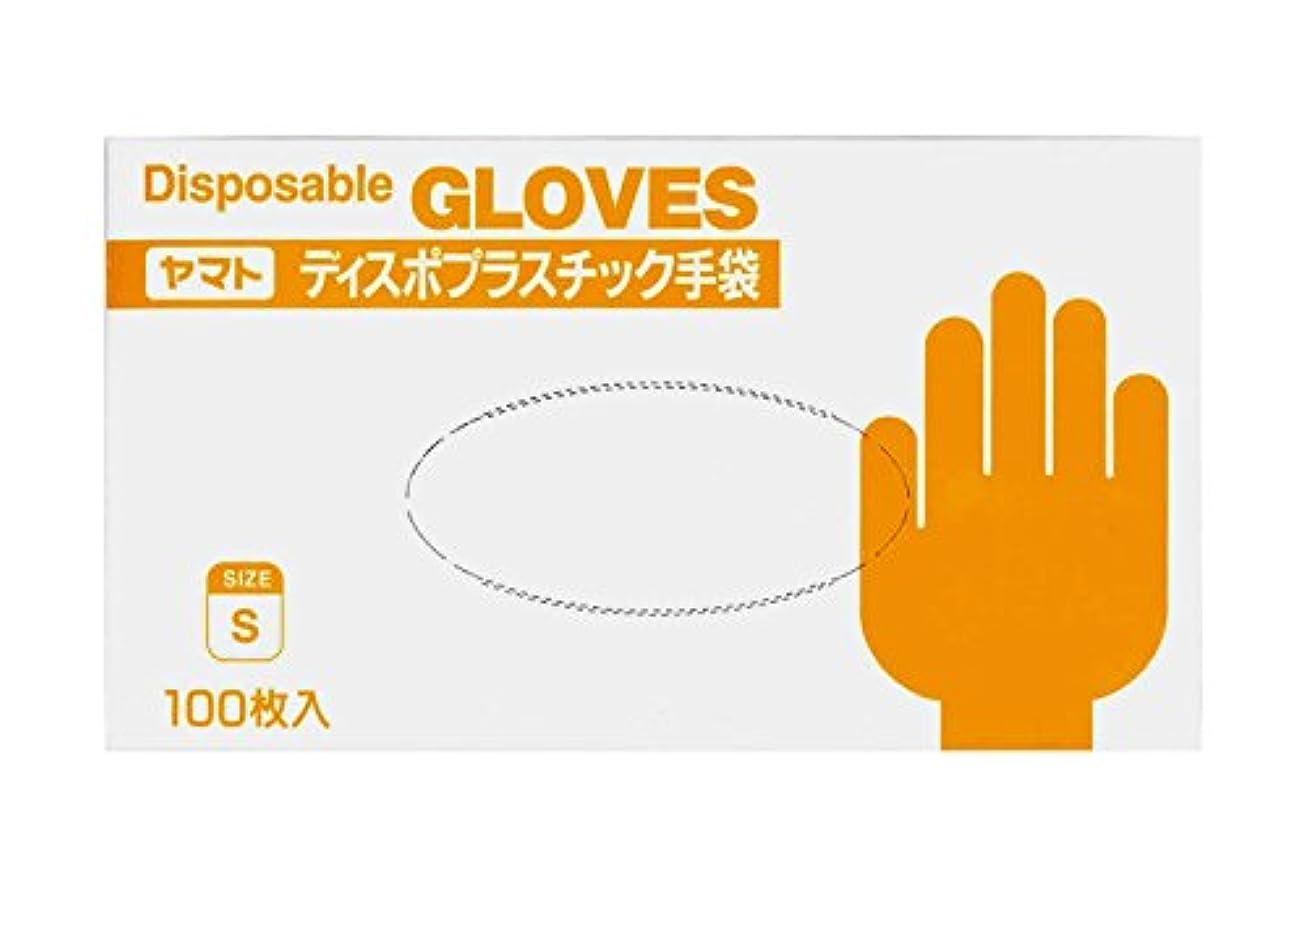 アカデミー政権前売ヤマト ディスポプラスチック手袋 S 100枚入